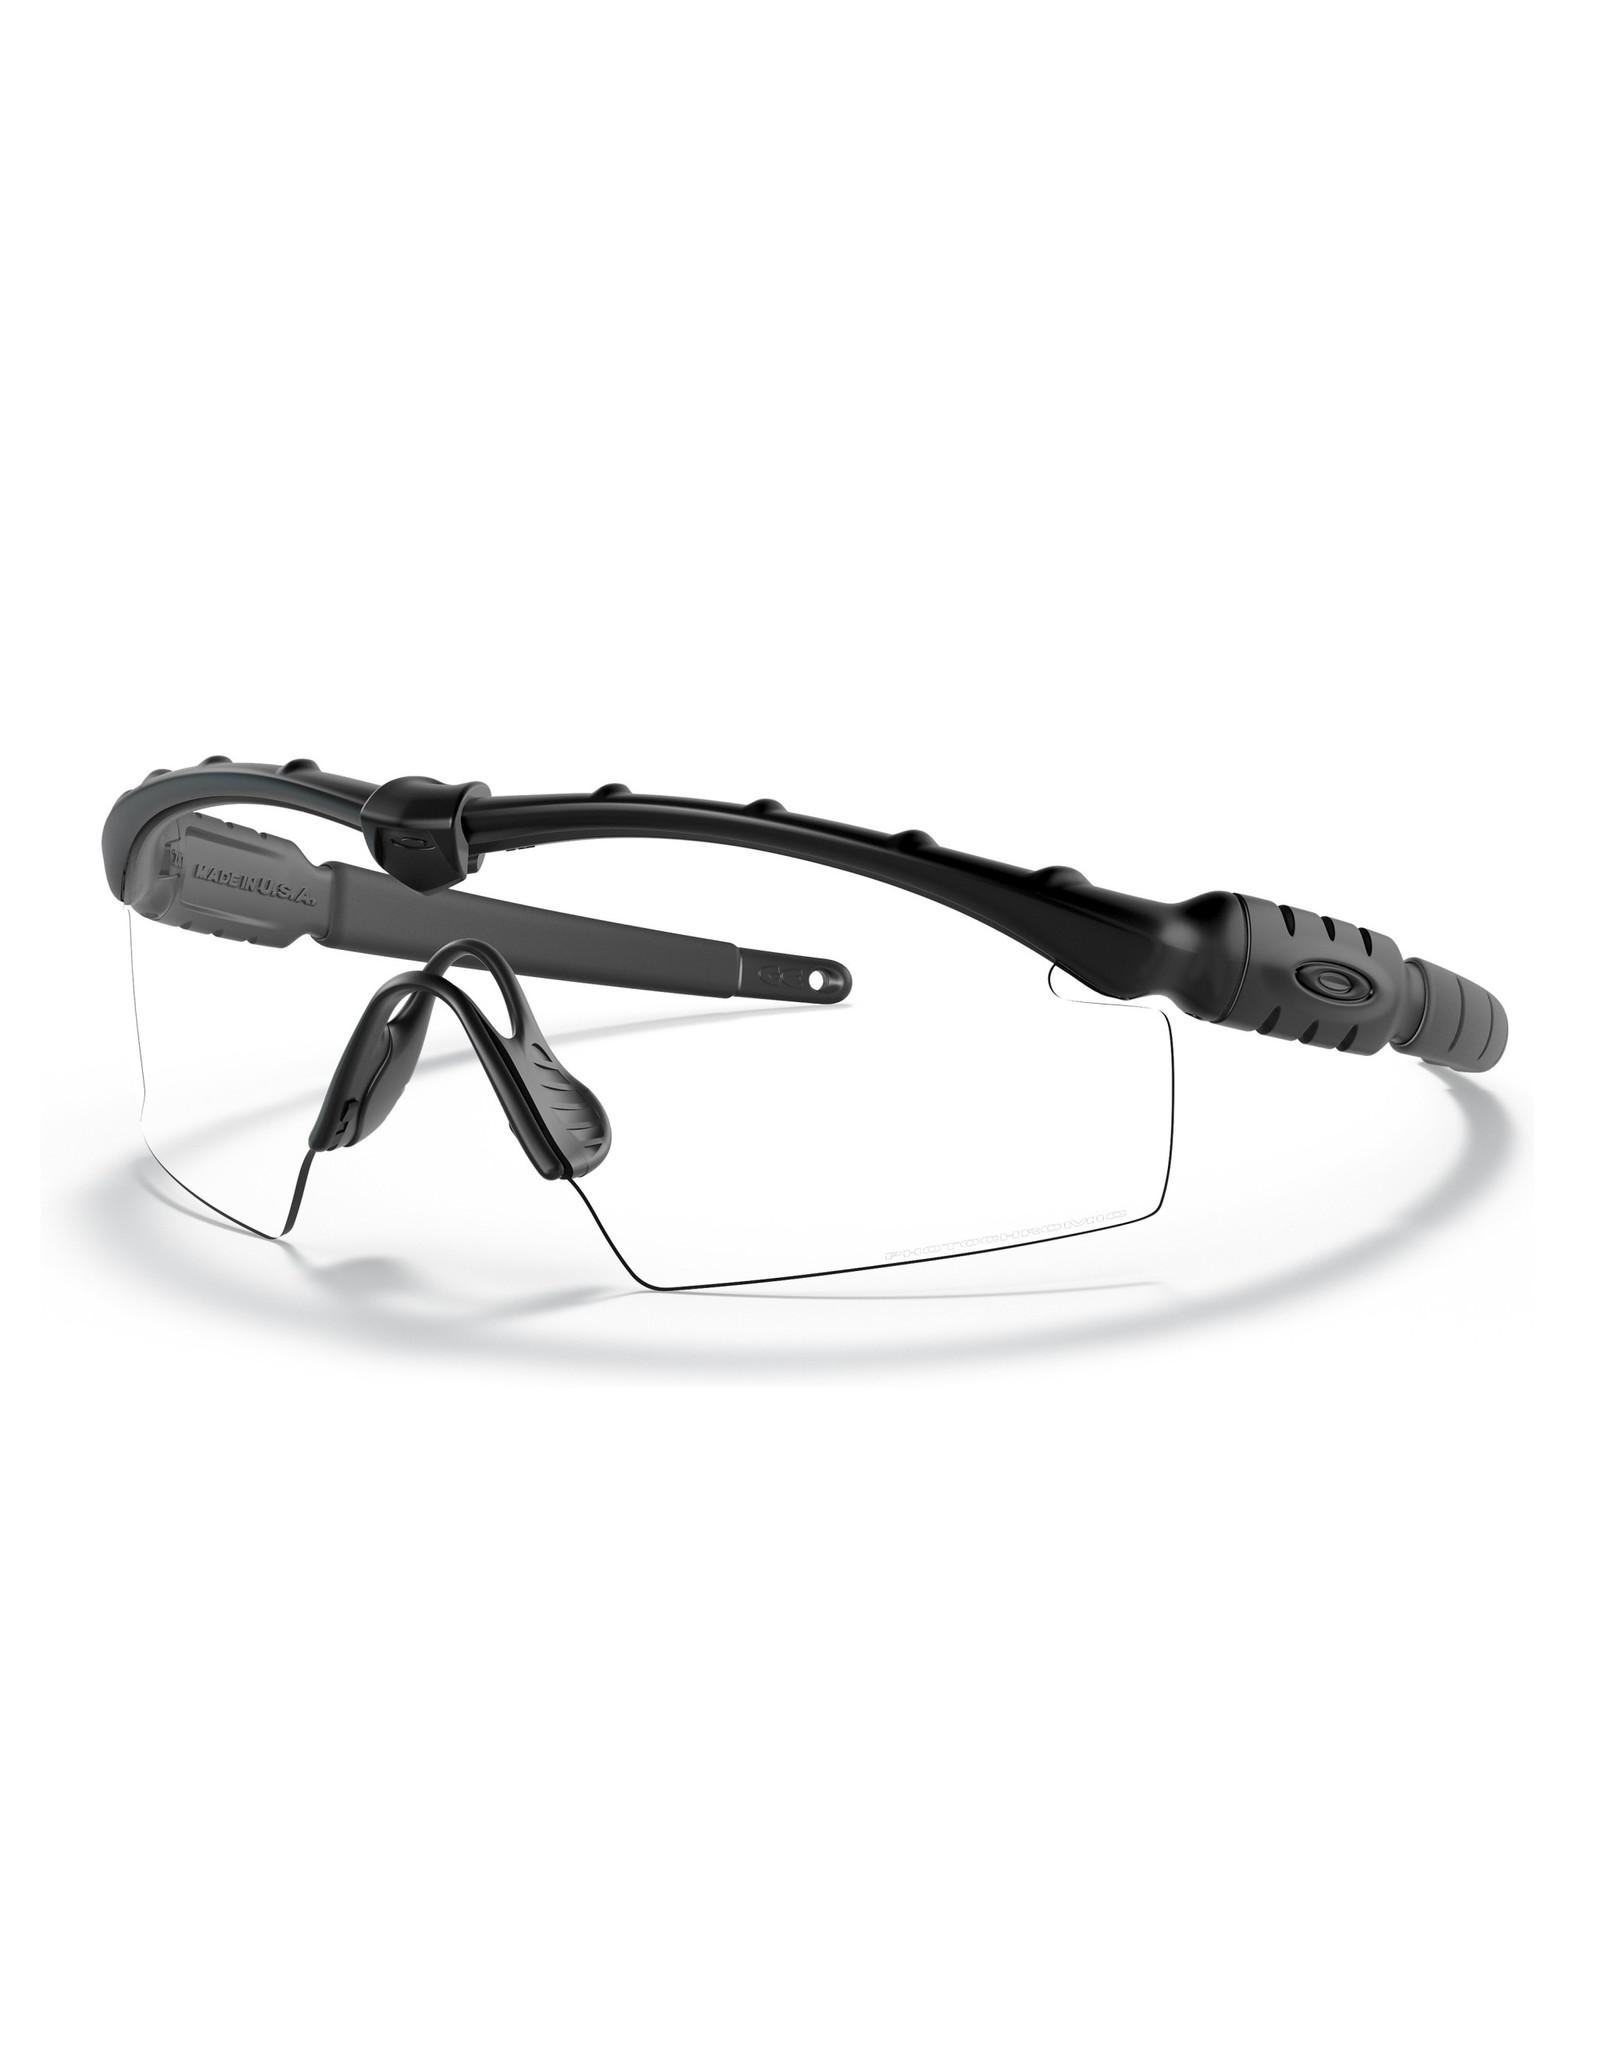 Oakley Oakley Ballistic M Frame 2.0